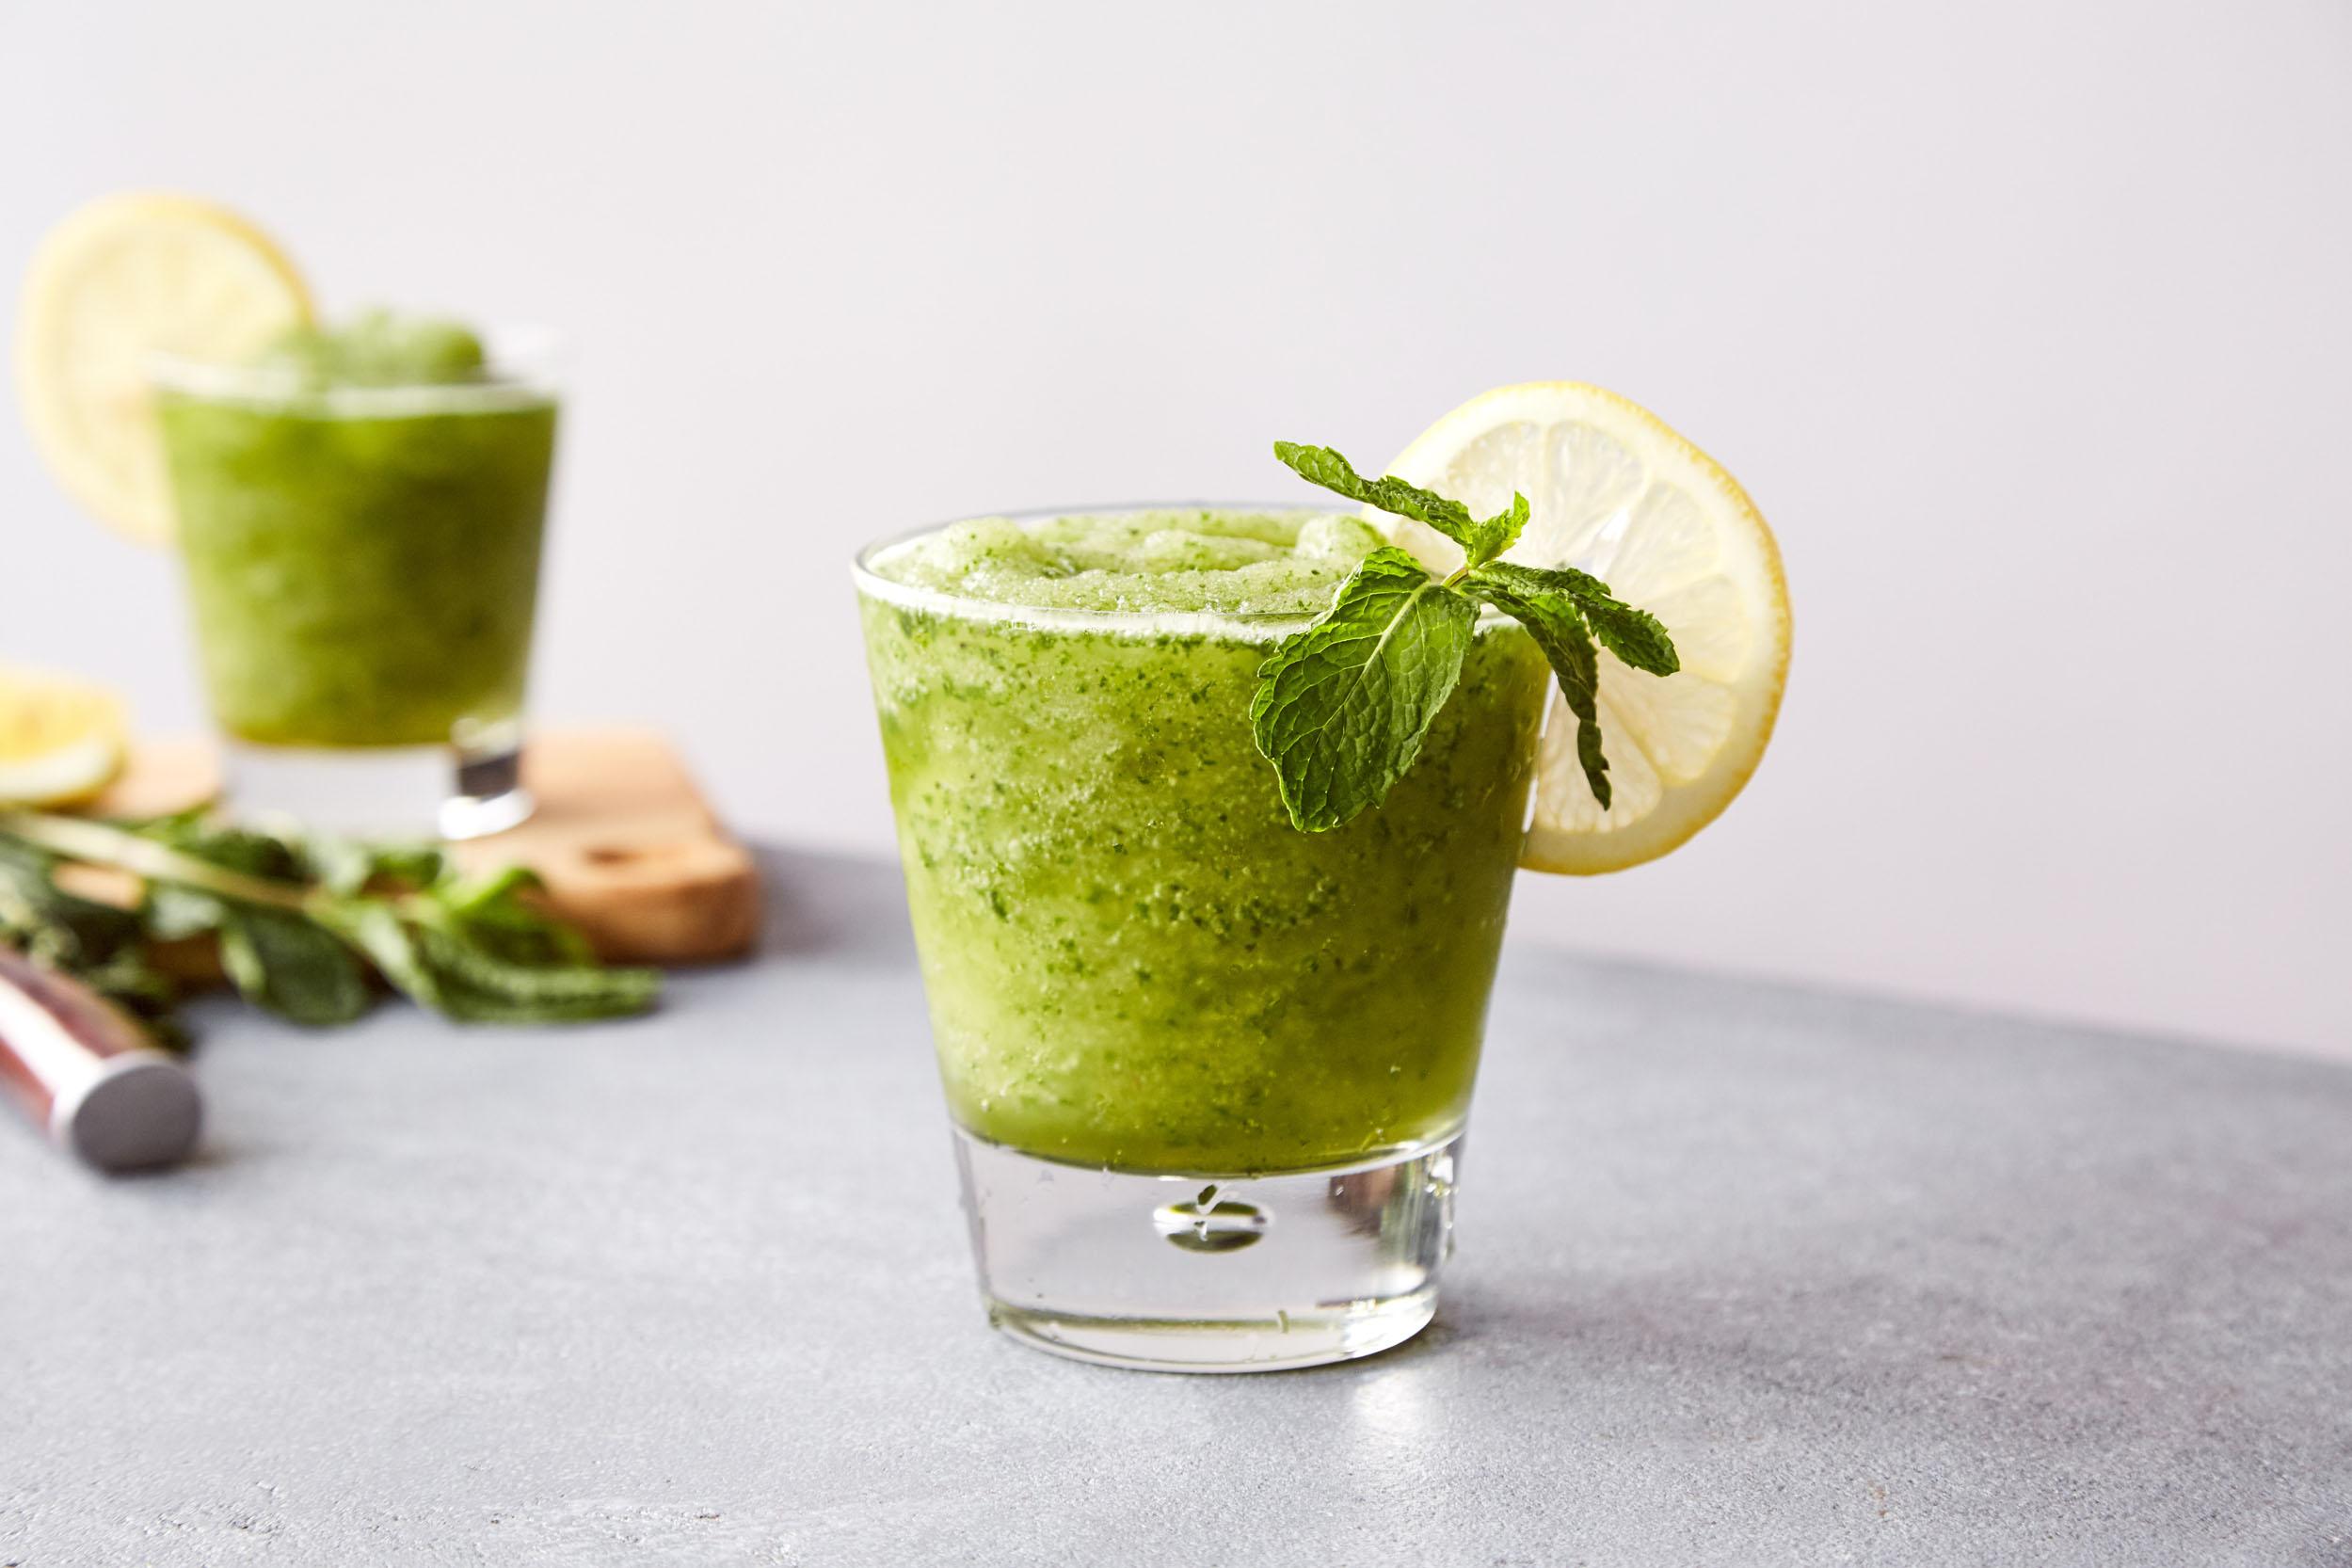 mint julep - Kelvin Citrus Slush Mix,Bourbon, Mint